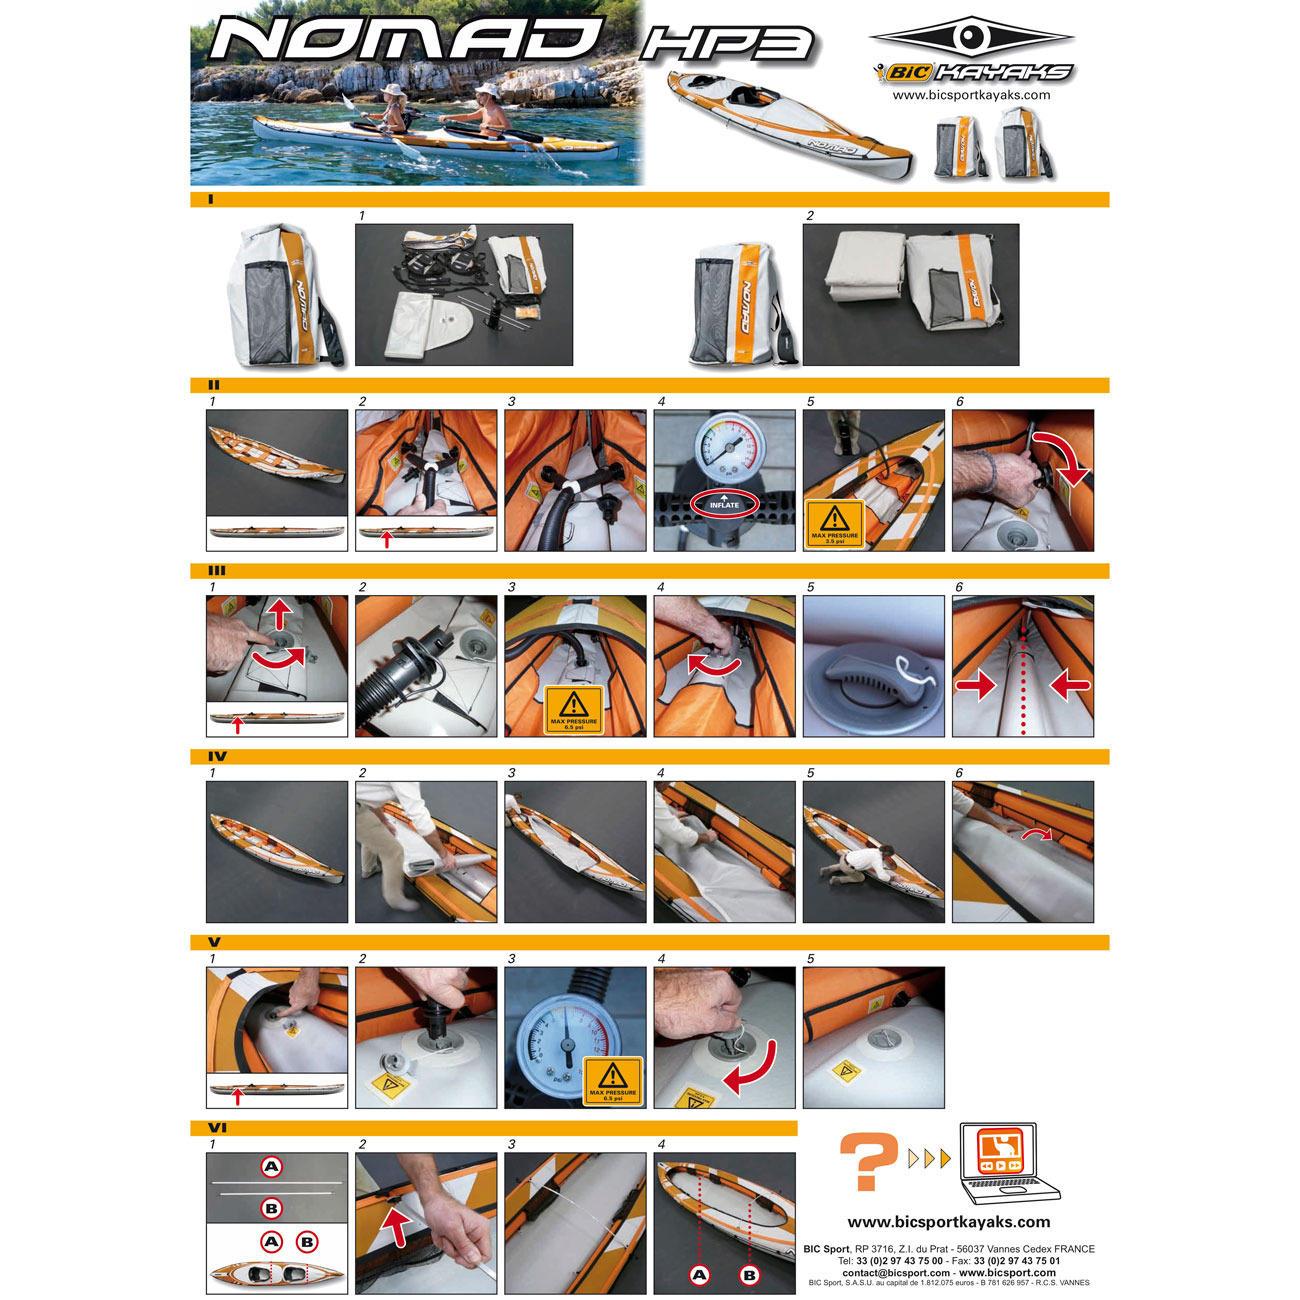 NOMAD HP3 2人乗りインフレータブルカヤック